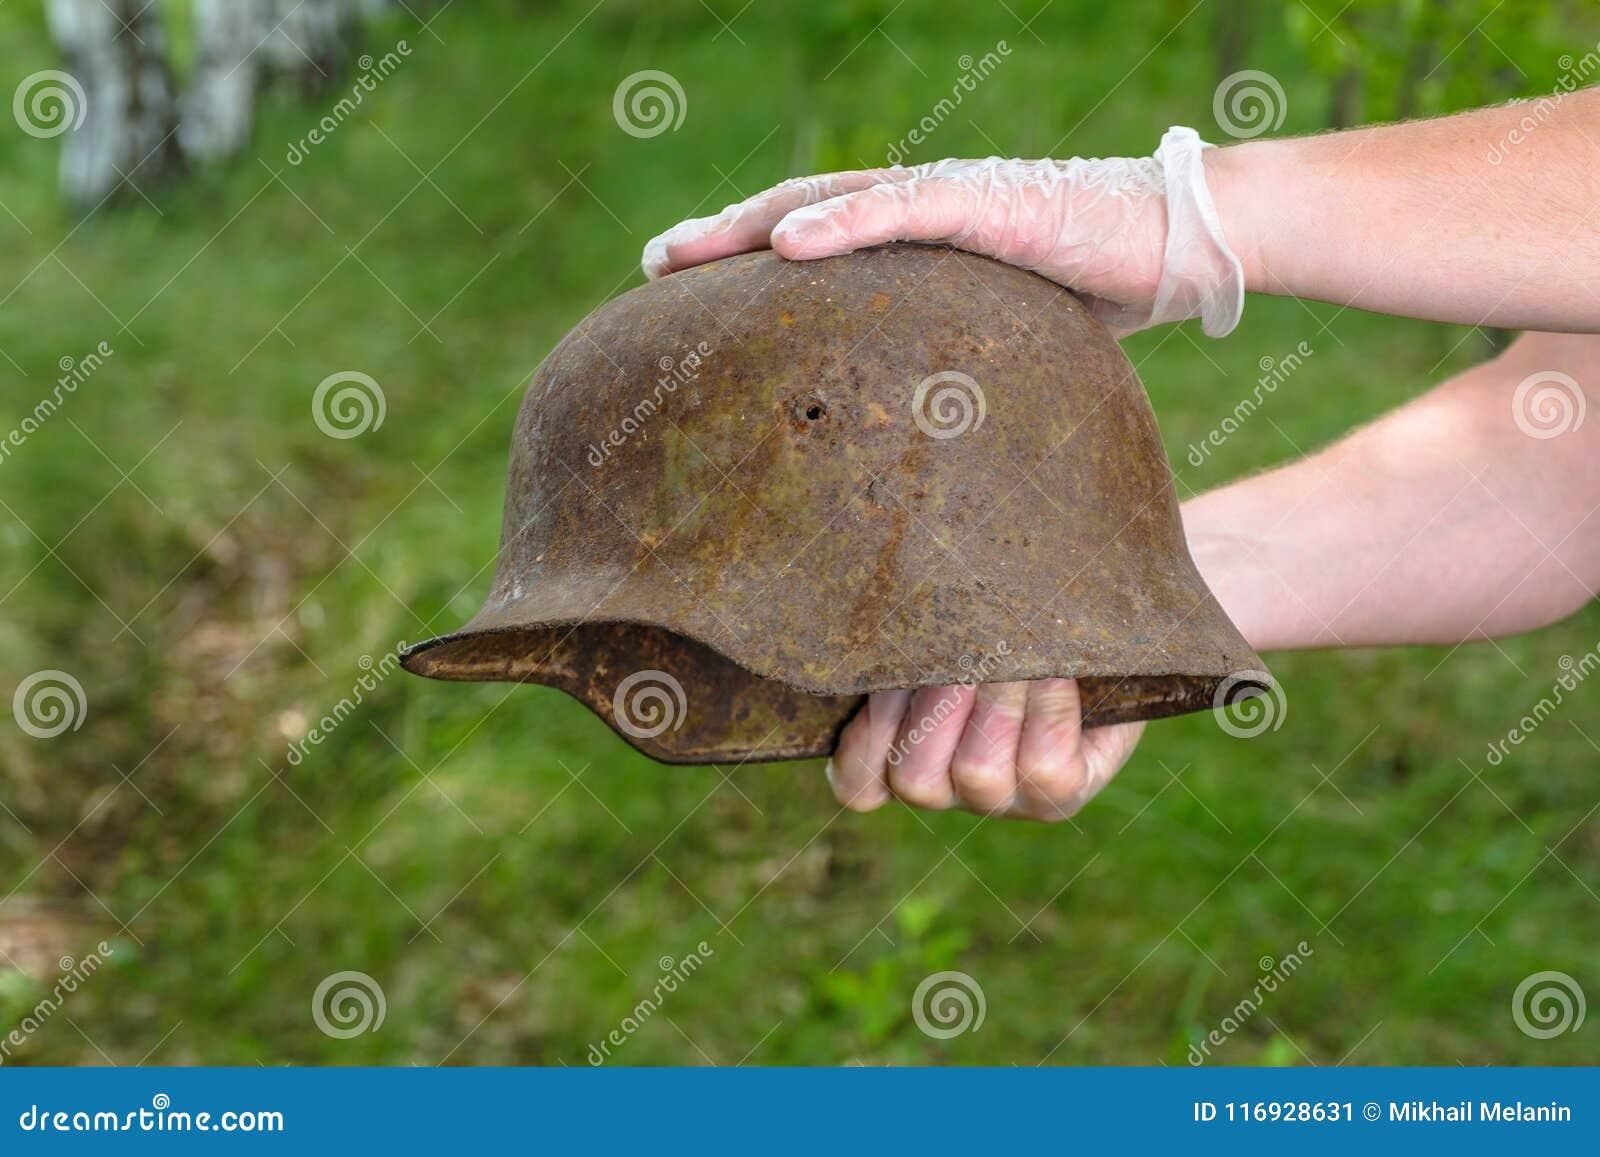 Escavando na floresta o capacete alemão M35 imitation Recuperação WW2 Rússia